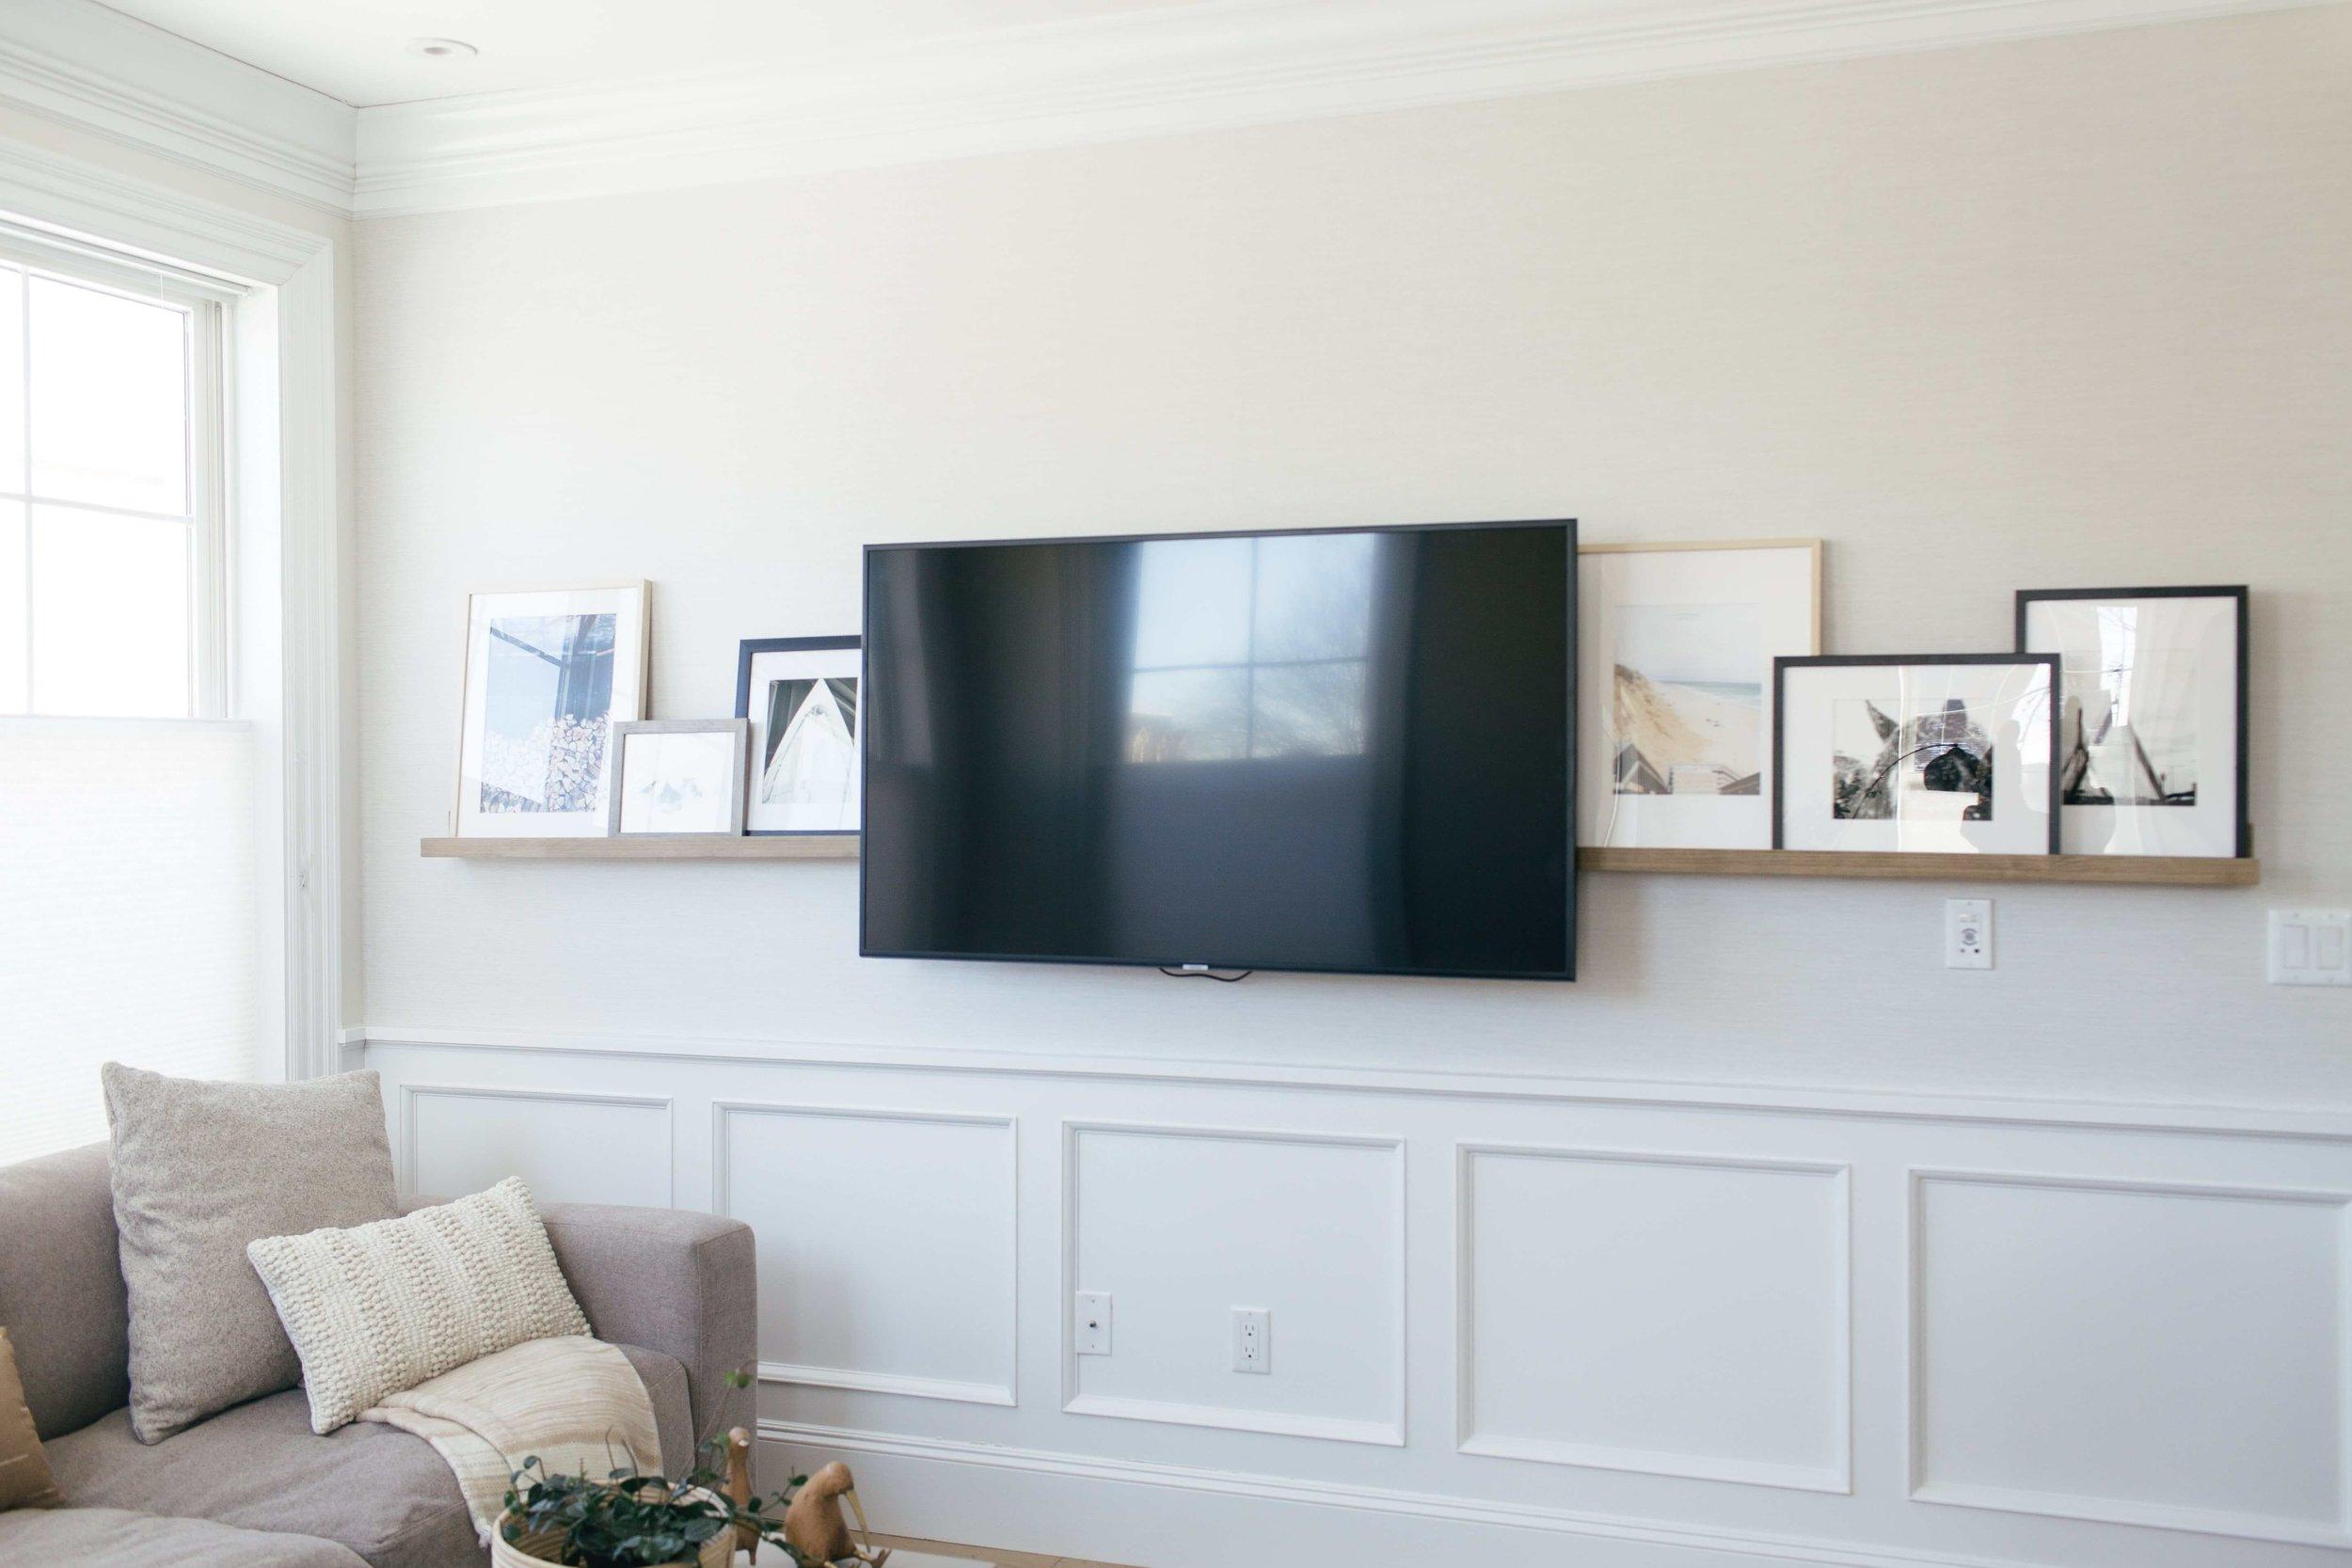 organic living room design by Boston based designer mStarr design